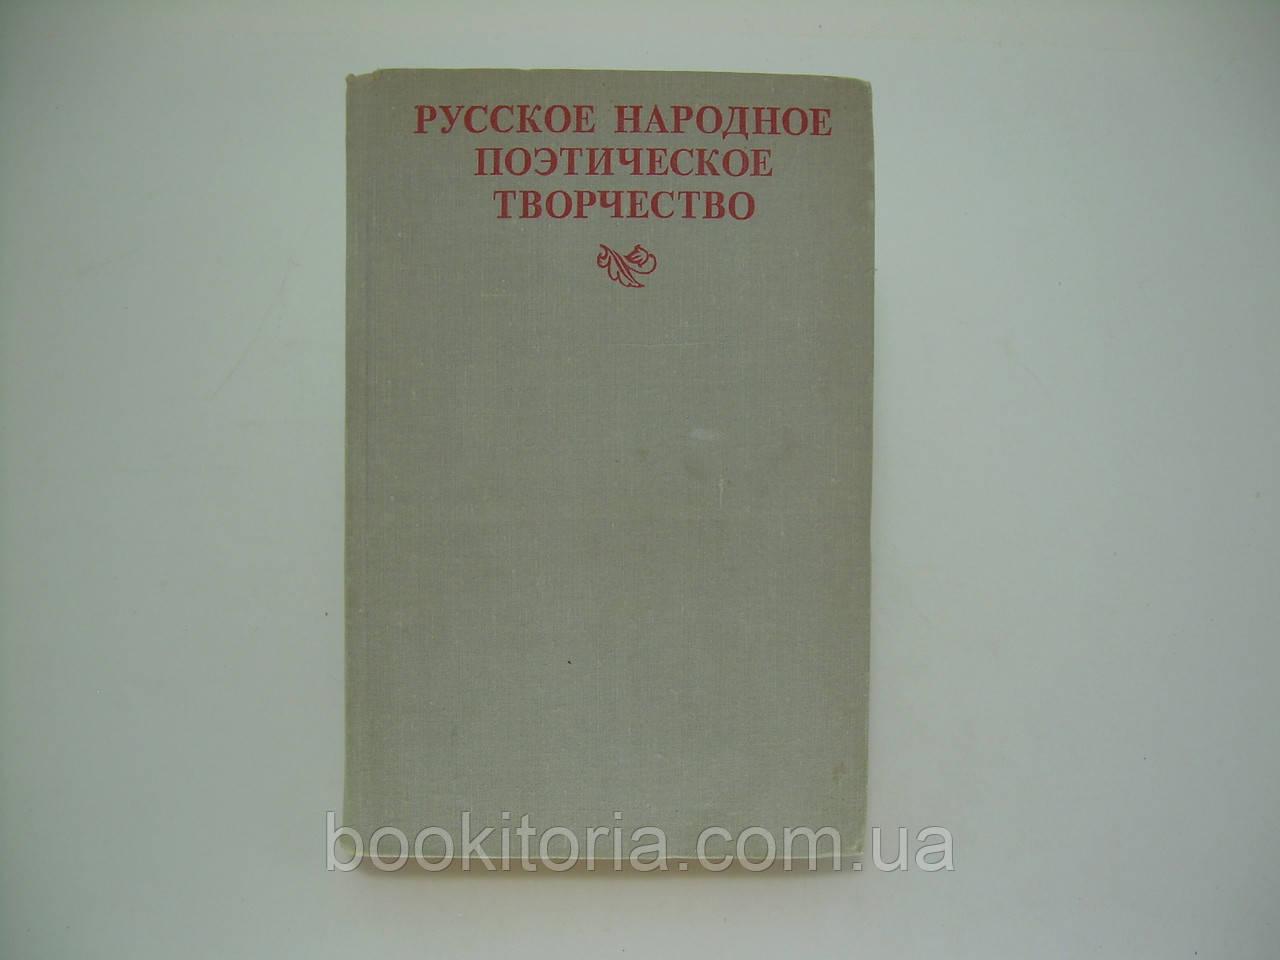 Русское народное поэтическое творчество (б/у).